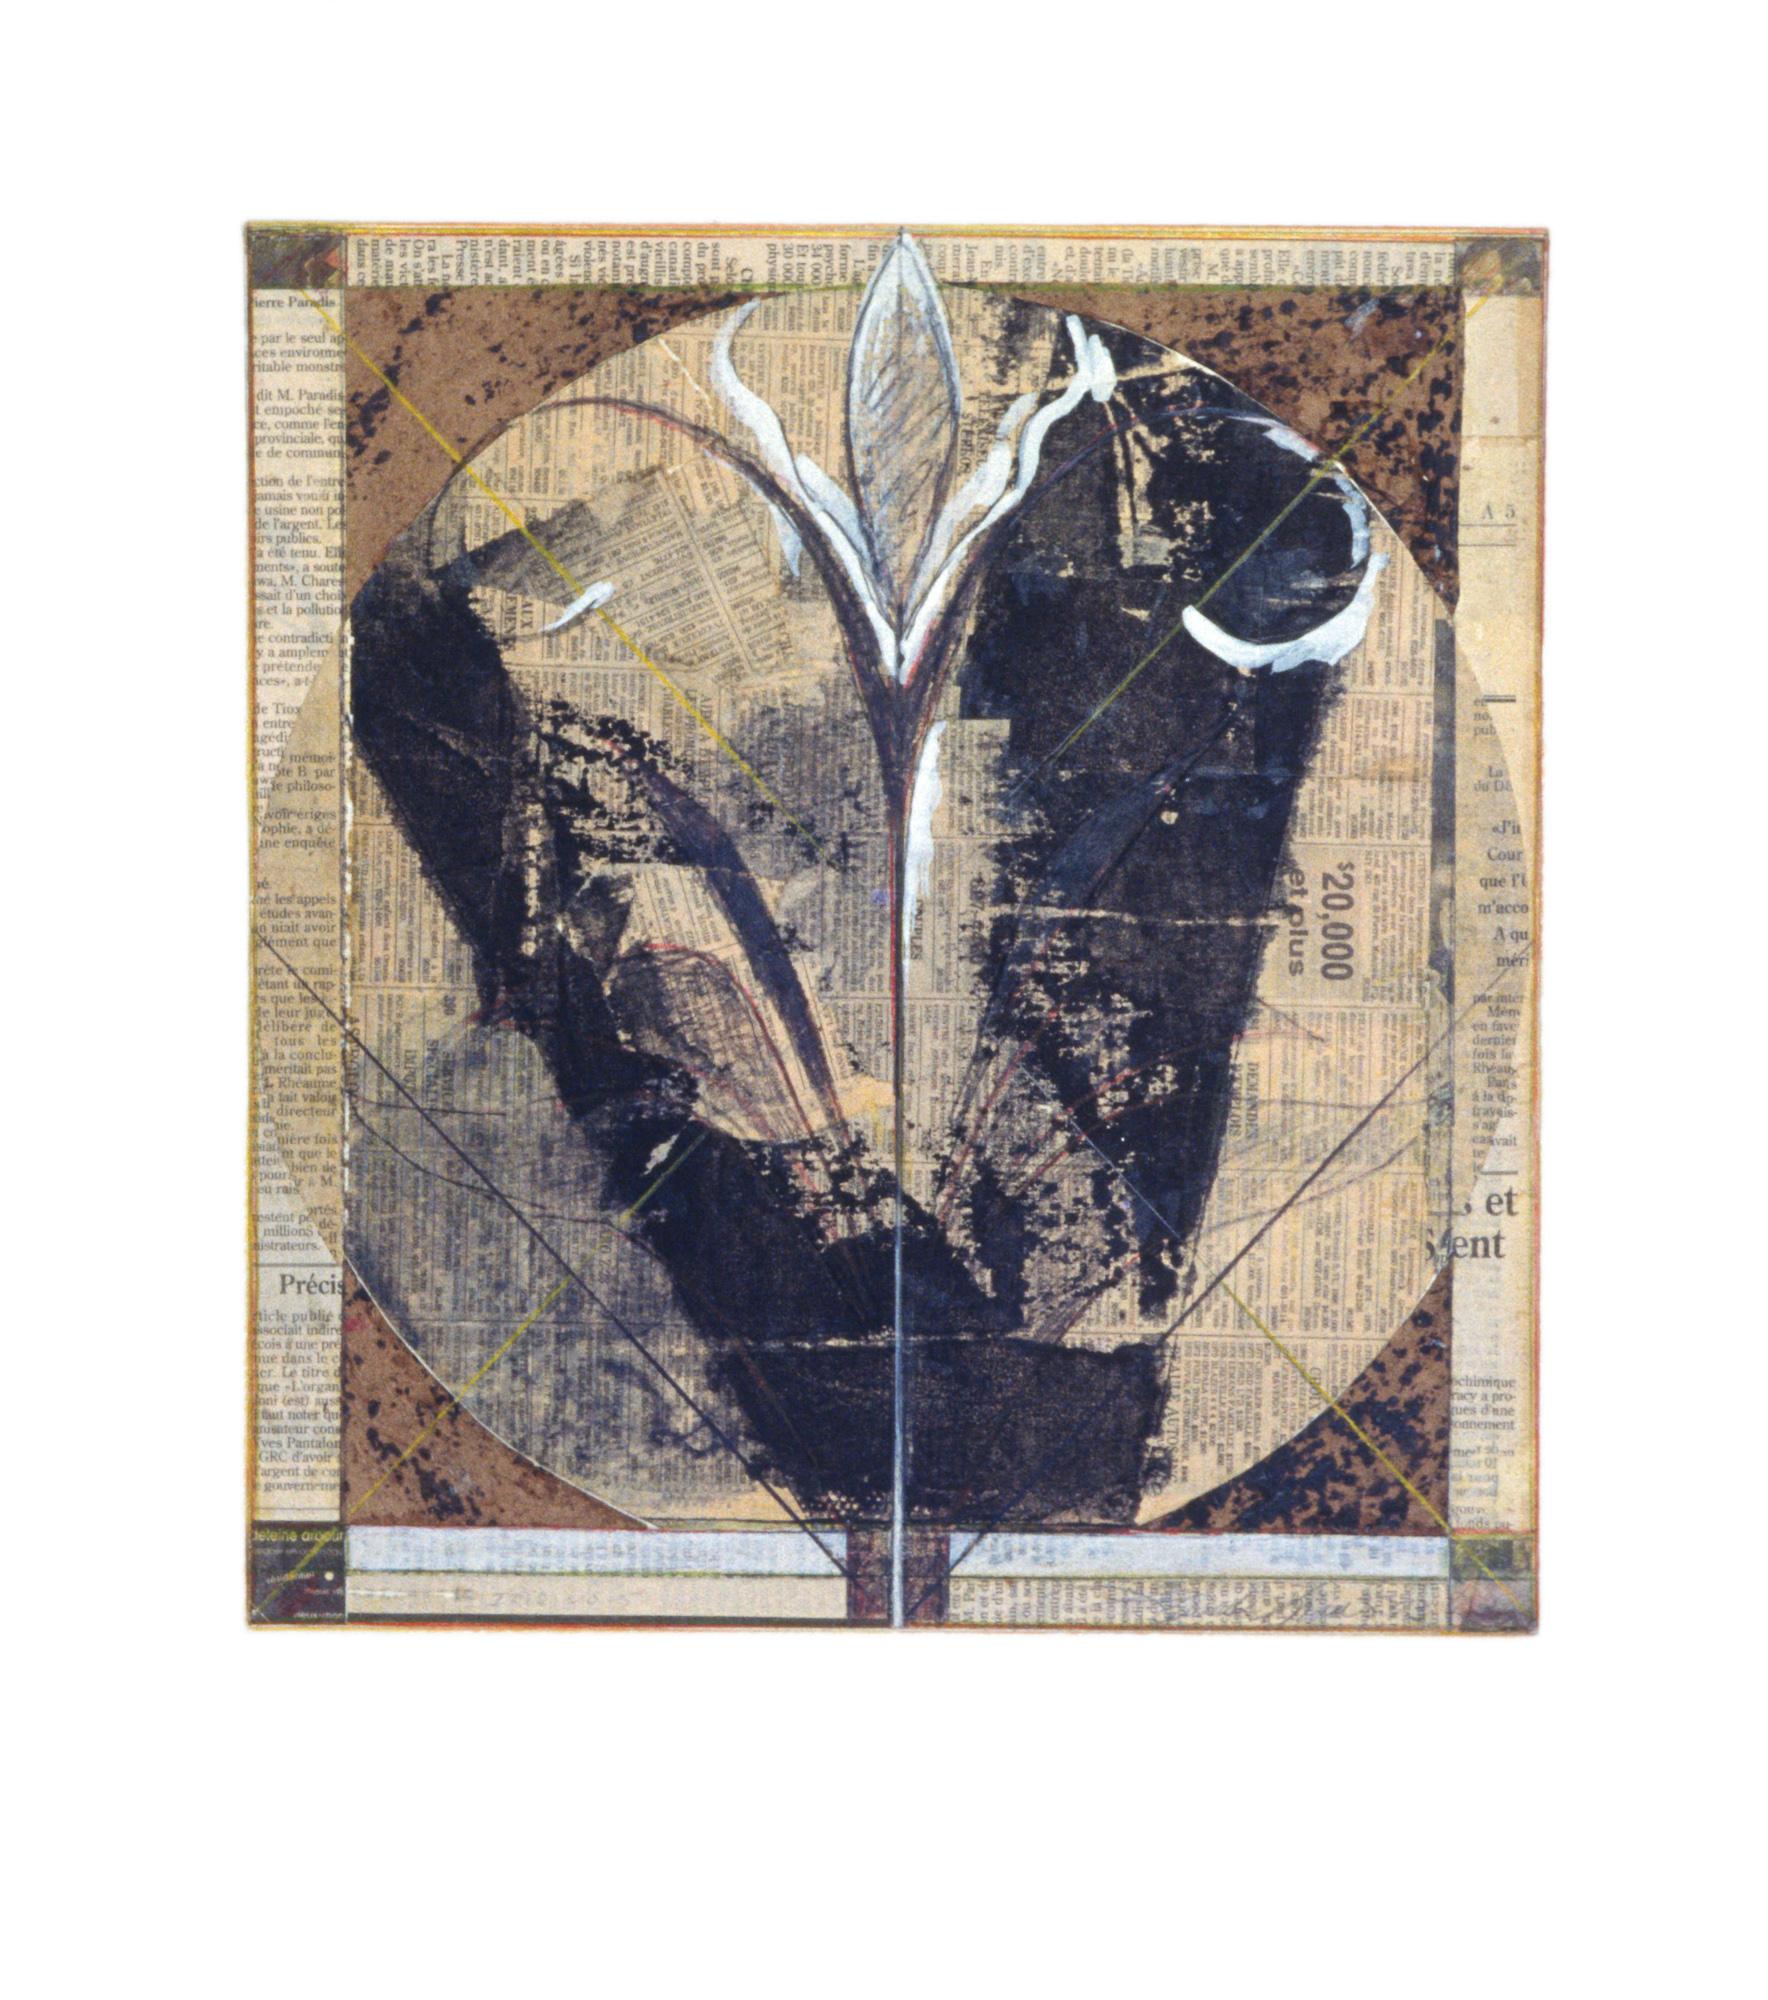 Iris No 5, 1993. Sérigraphie, gouache et crayon sur papier imprimé collé sur papier fort, 46 x 41 cm.